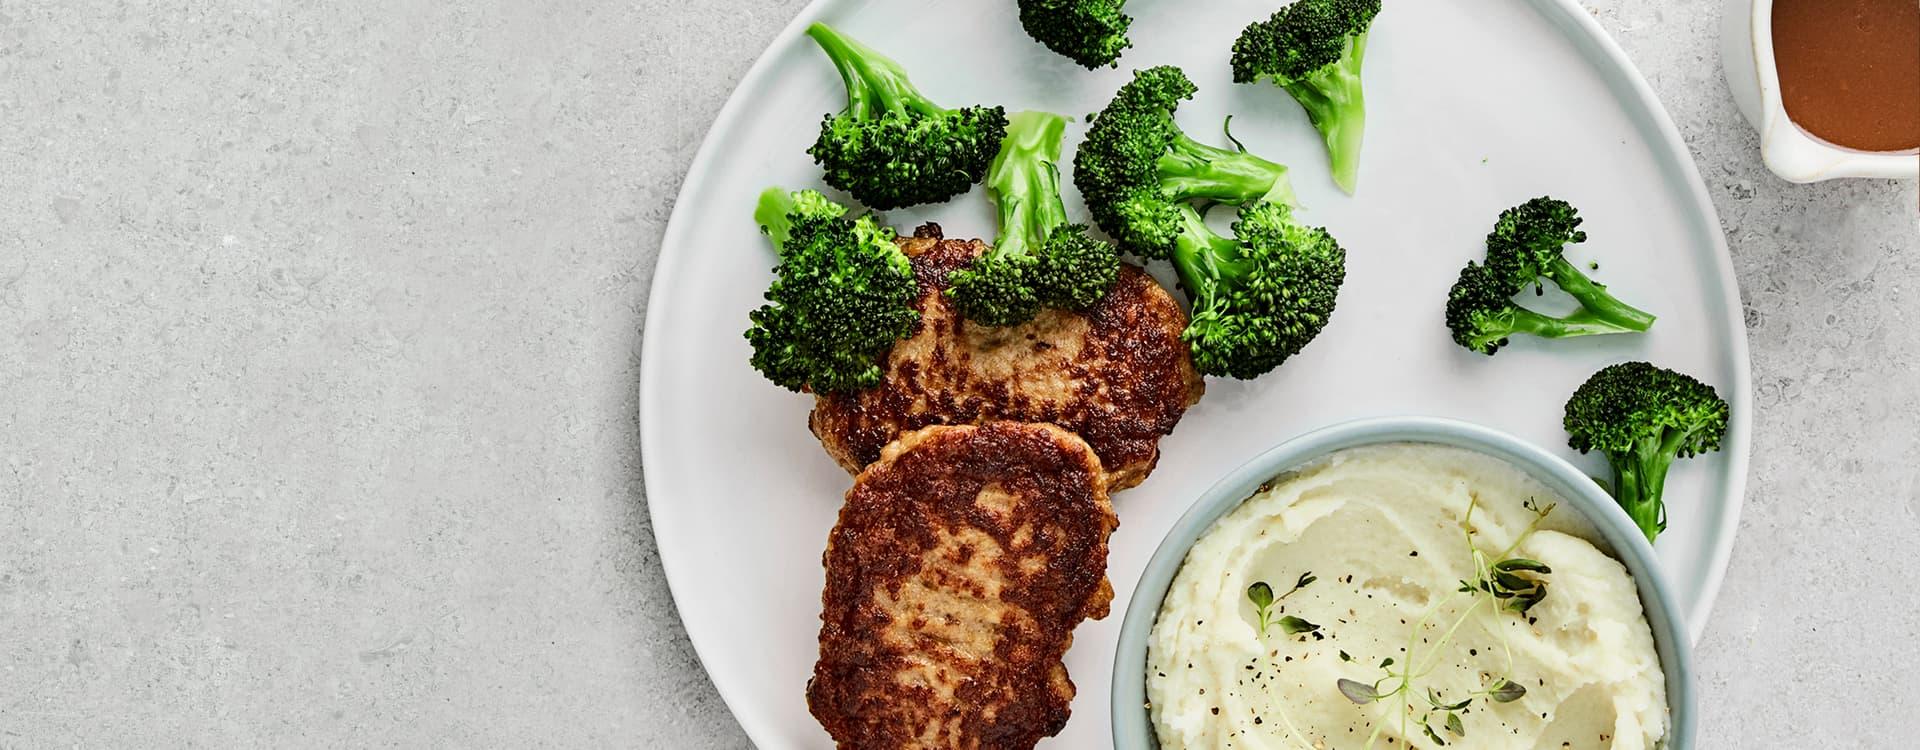 Karbonader med brokkoli, brun saus og potetmos